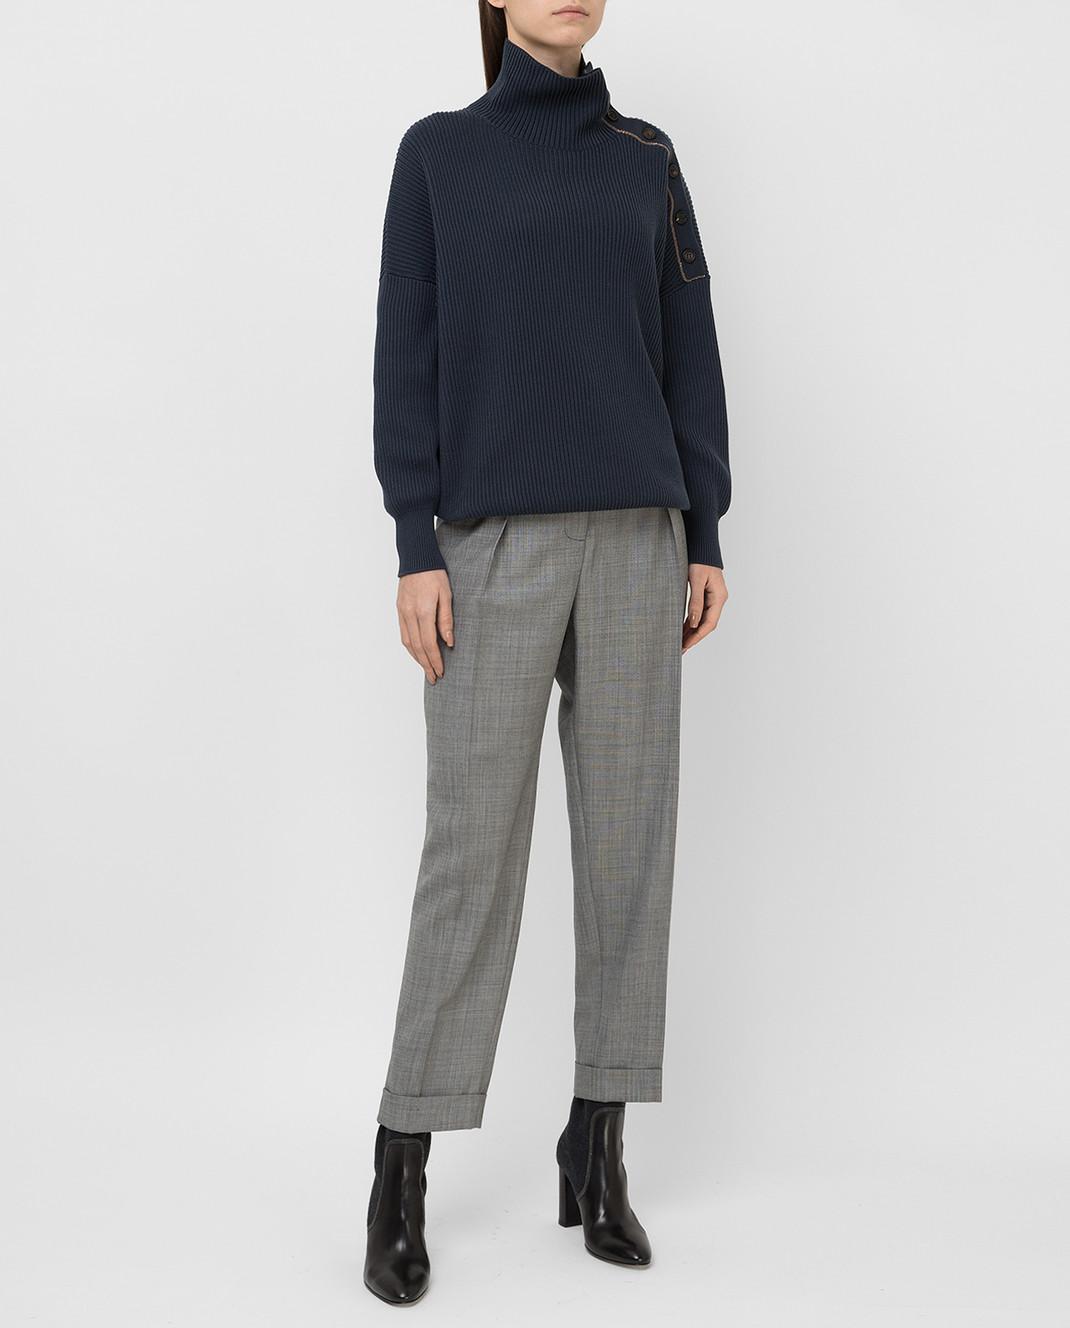 Victoria Beckham Серые брюки из шерсти TRTPR2600B изображение 2